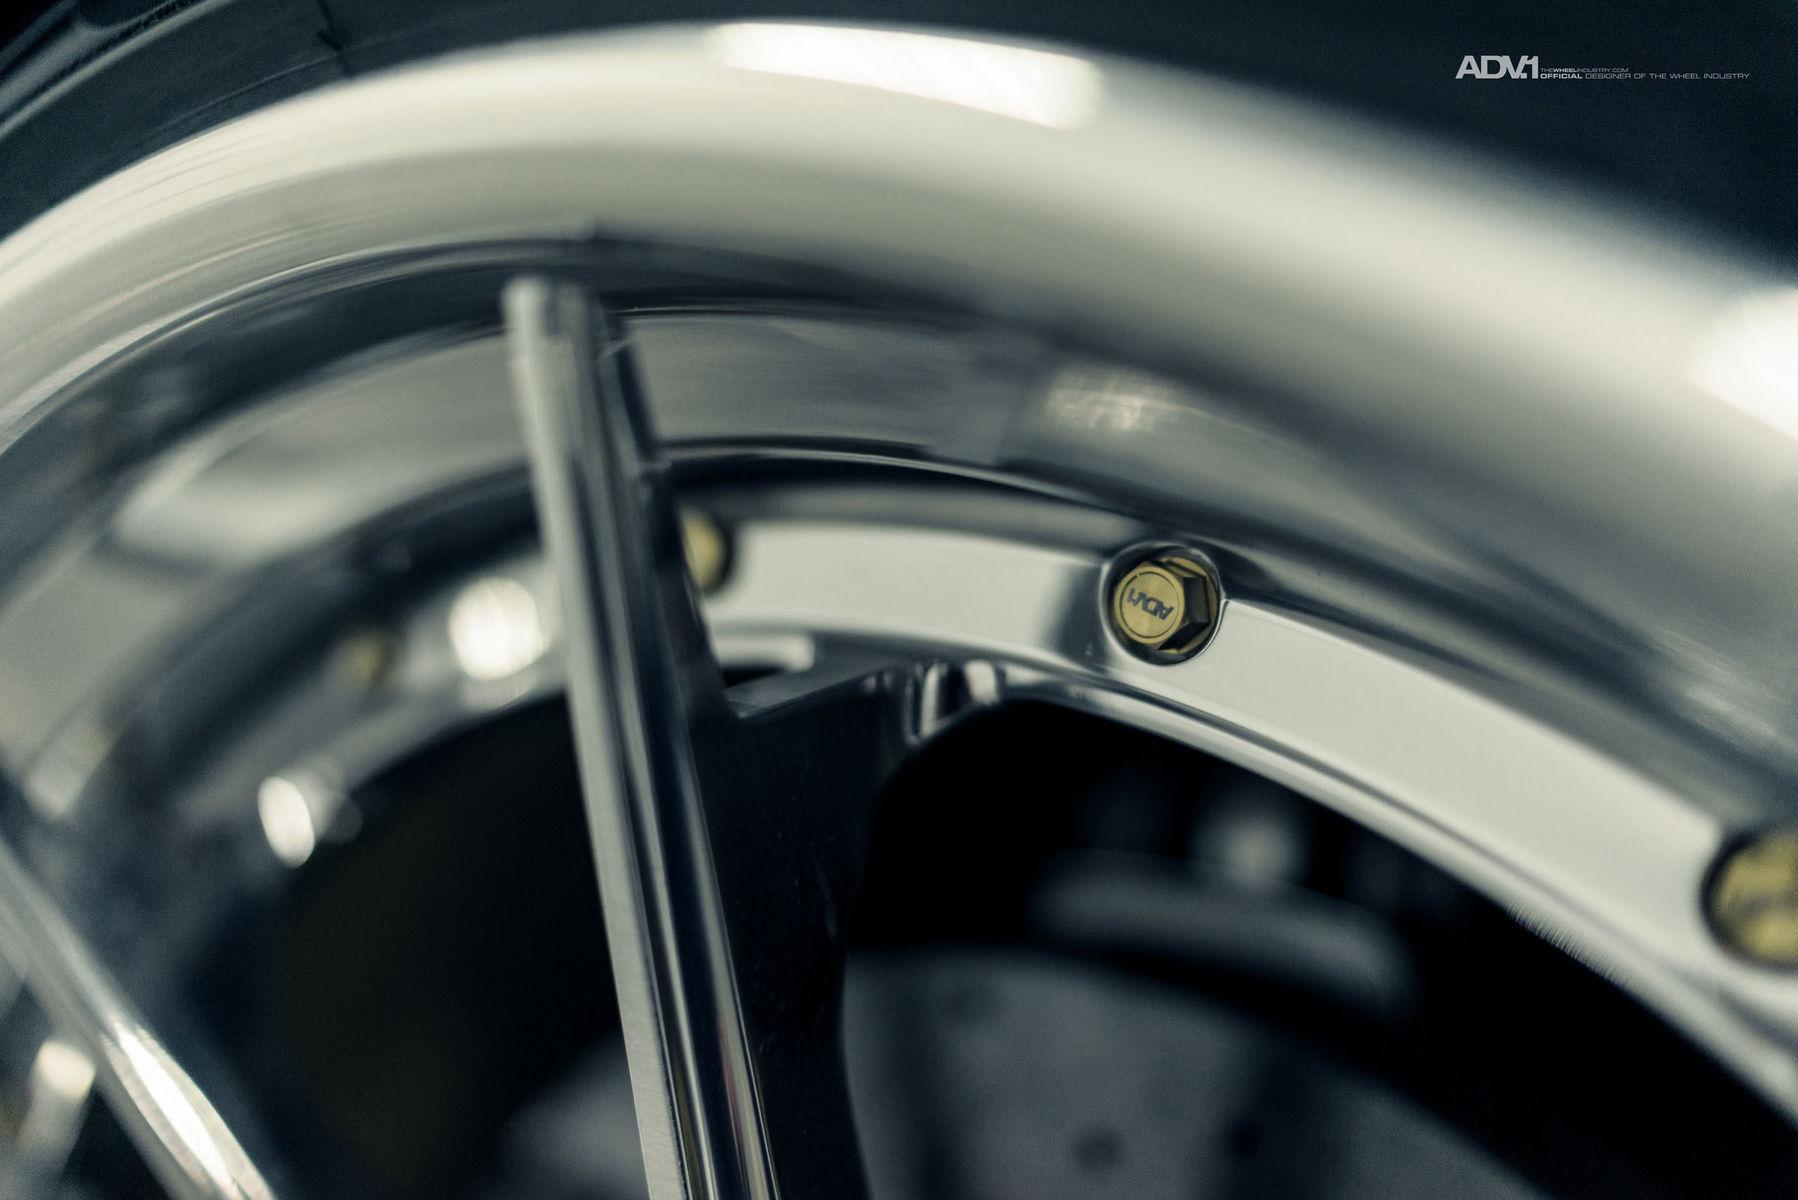 Ferrari F12 Berlinetta | FERRARI F12 BERLINETTA | ADV.1 Wheels